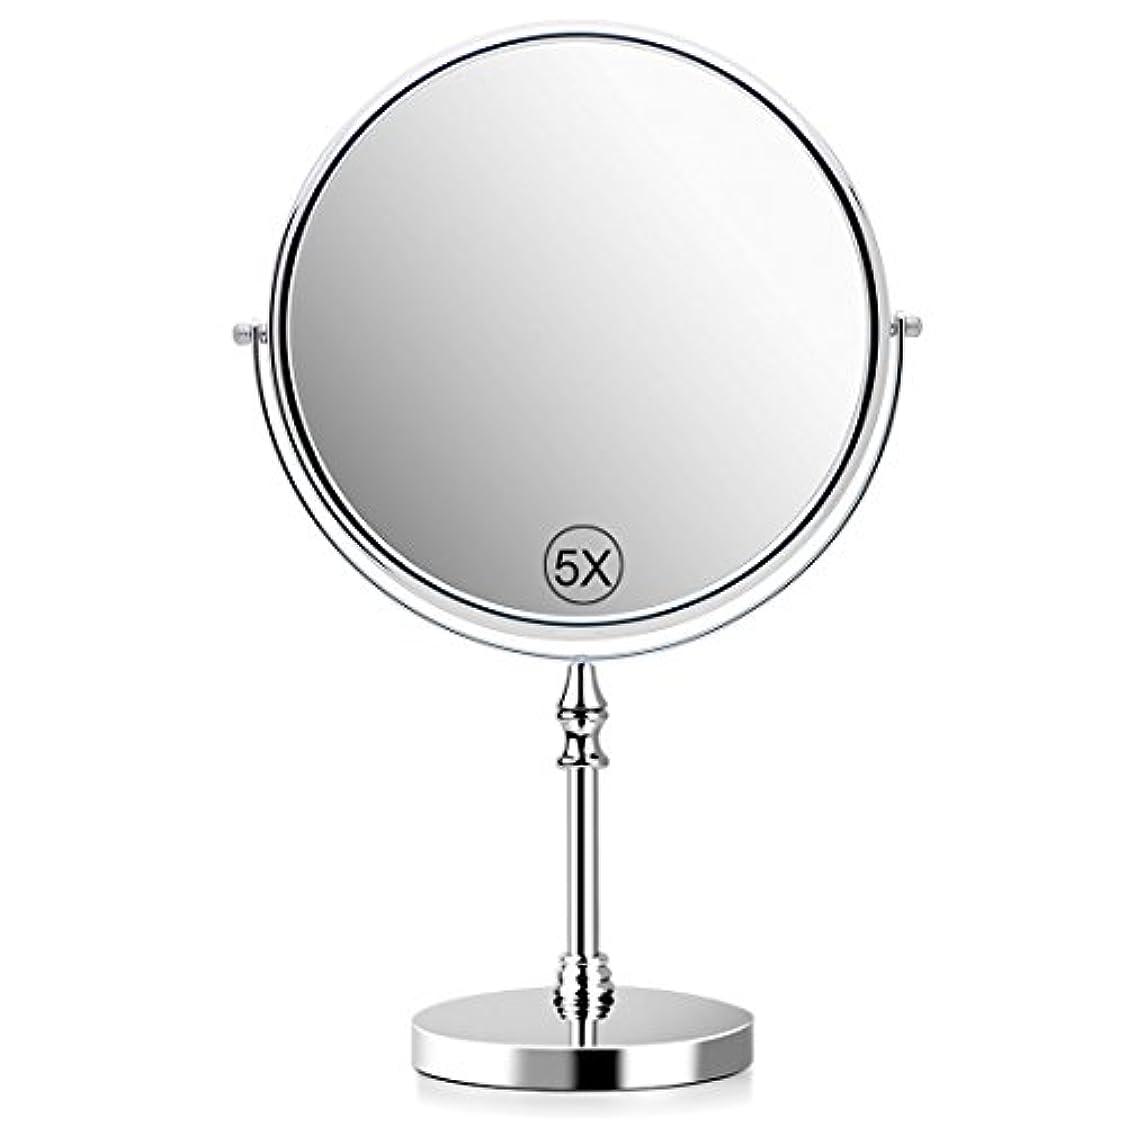 気配りのある会う雇った5倍拡大鏡 化粧鏡 卓上鏡 化粧ミラー 等倍鏡 両面型 360度回転式 60度回転 直径20cm